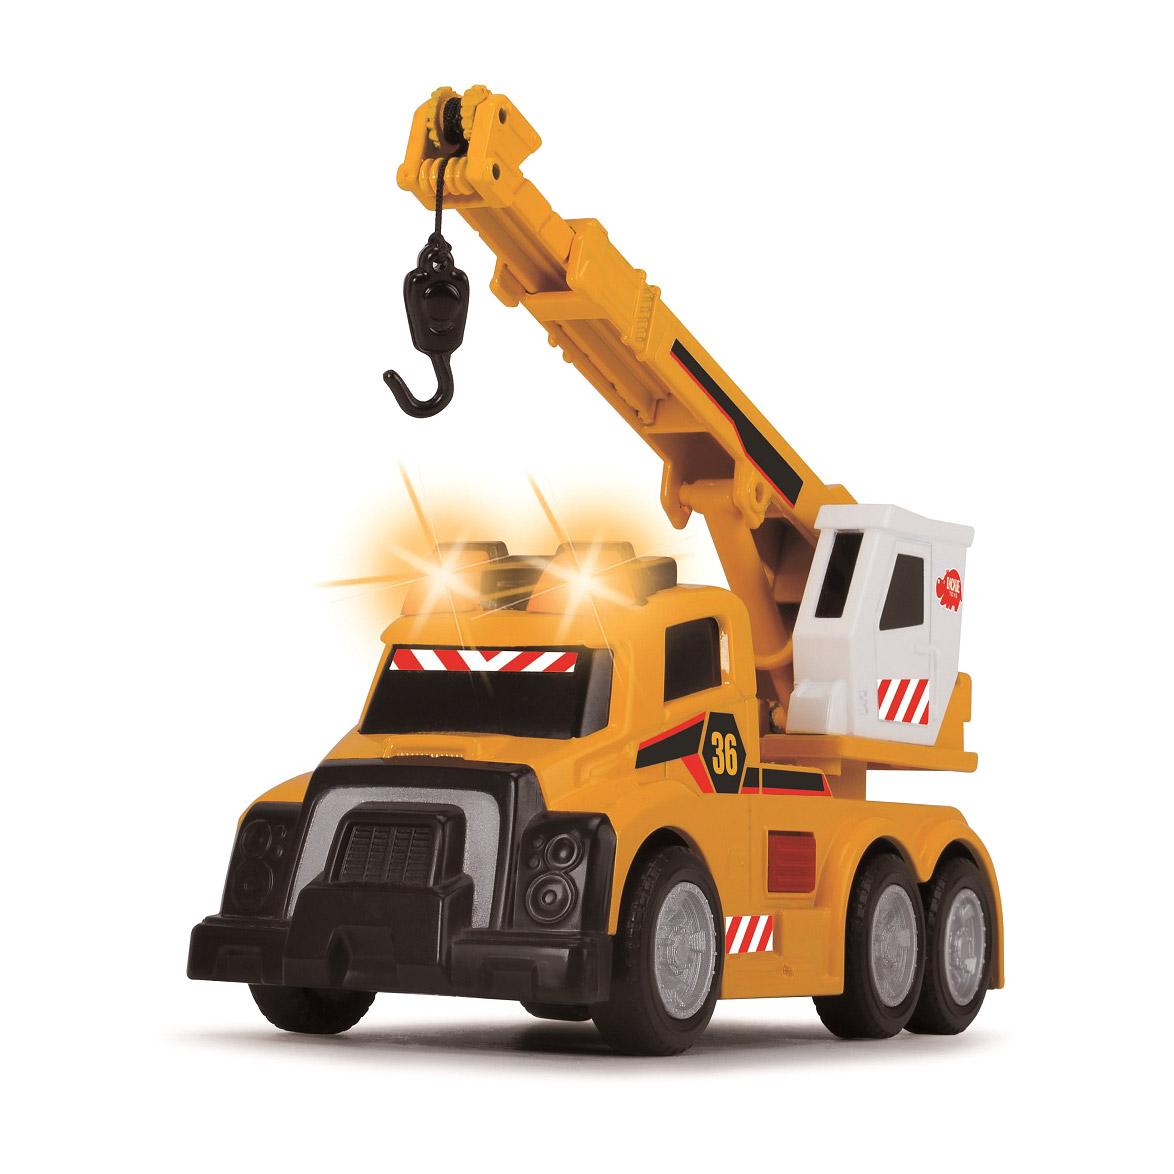 Машина Dickie Toys Mobile Crane 15 см машина dickie мусоровоз 30 см